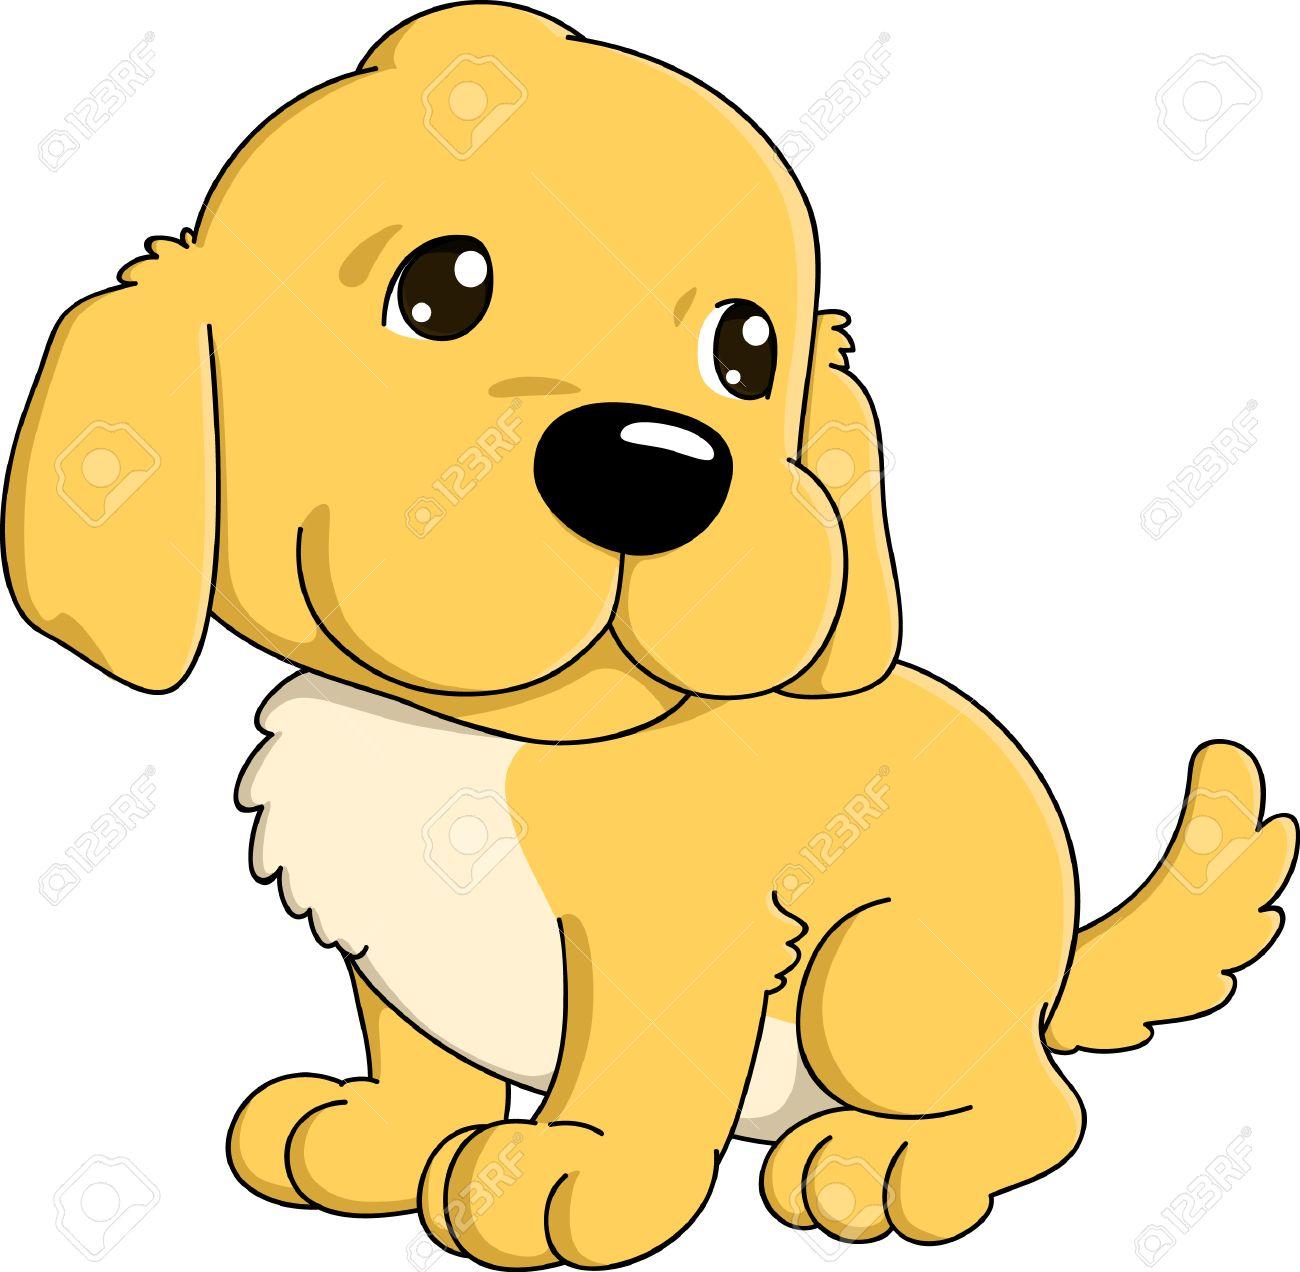 Cute cartoon of golden retriever puppy..